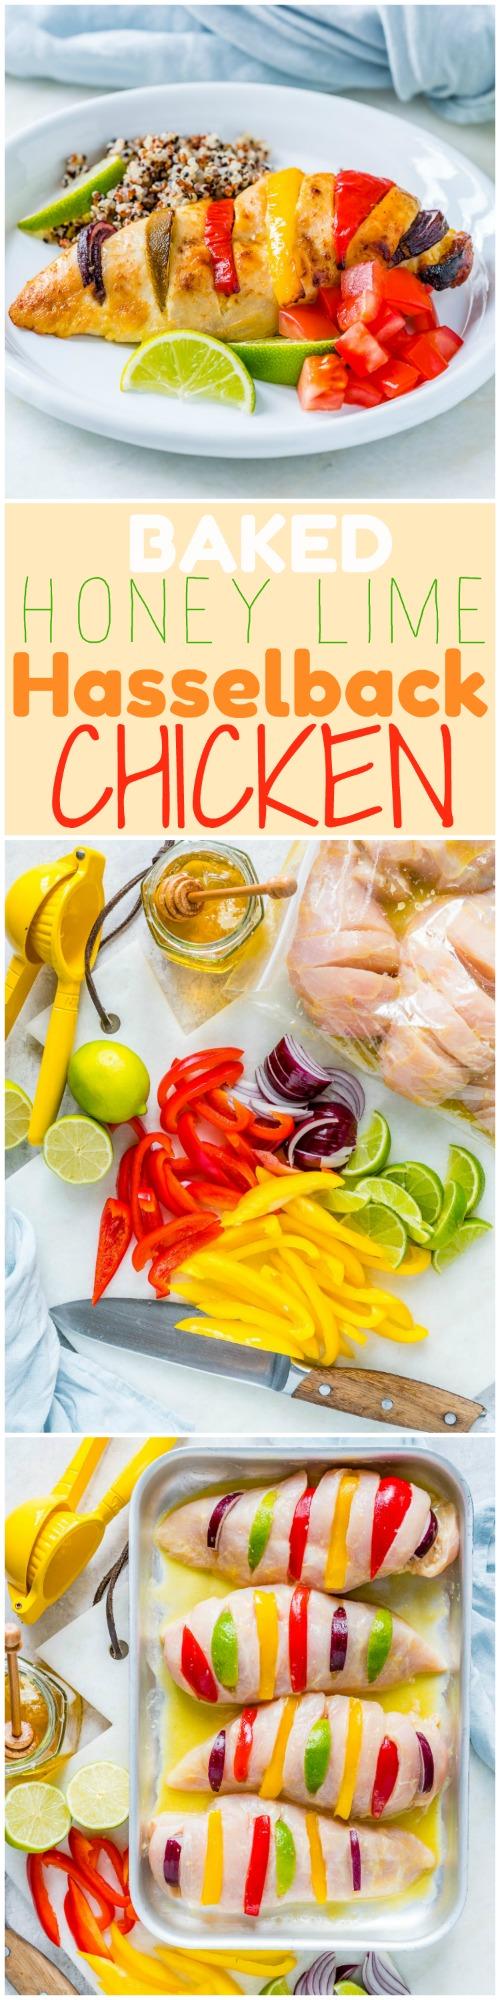 Baked Honey Lime Hasselback Chicken Dinner Idea